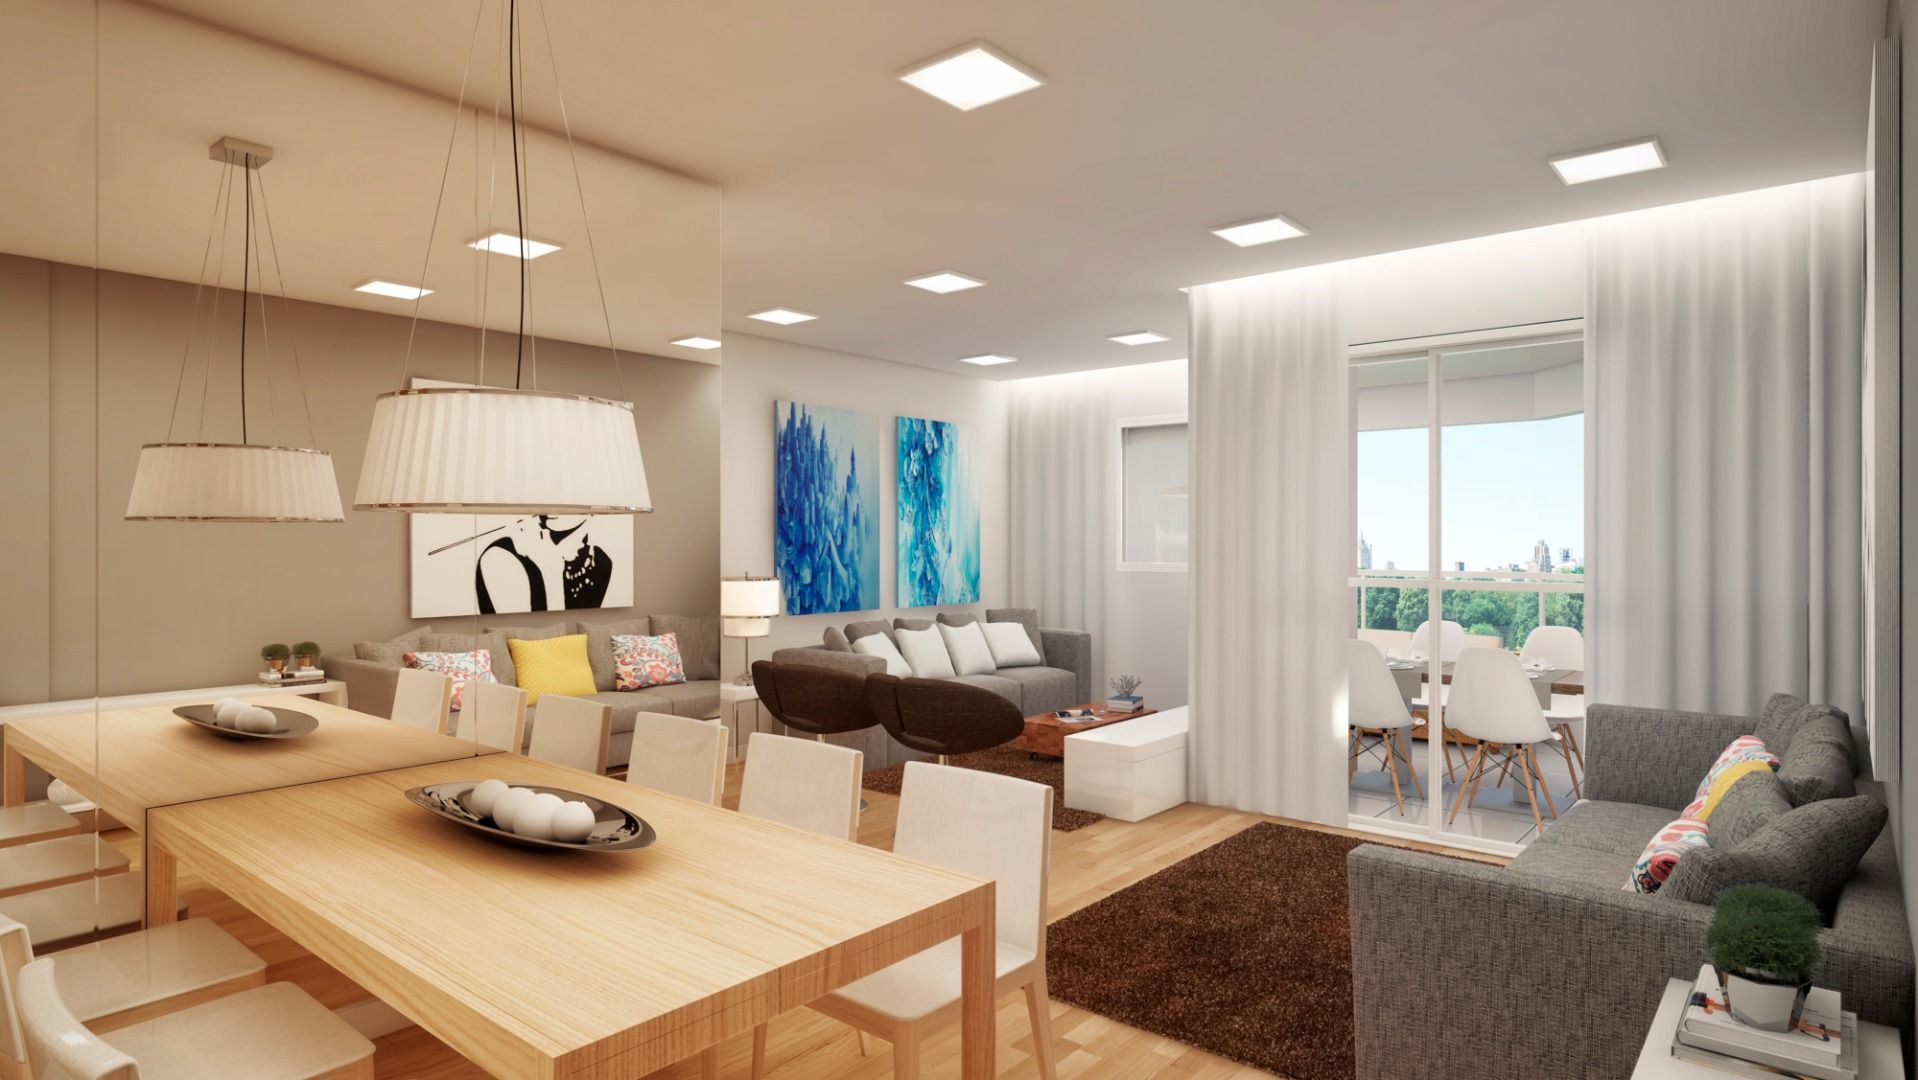 LIVING AMPLIADO do apto de 91 m² - Espaçoso living com 3 ambientes integrados e bem distribuídos com terraço gourmet.